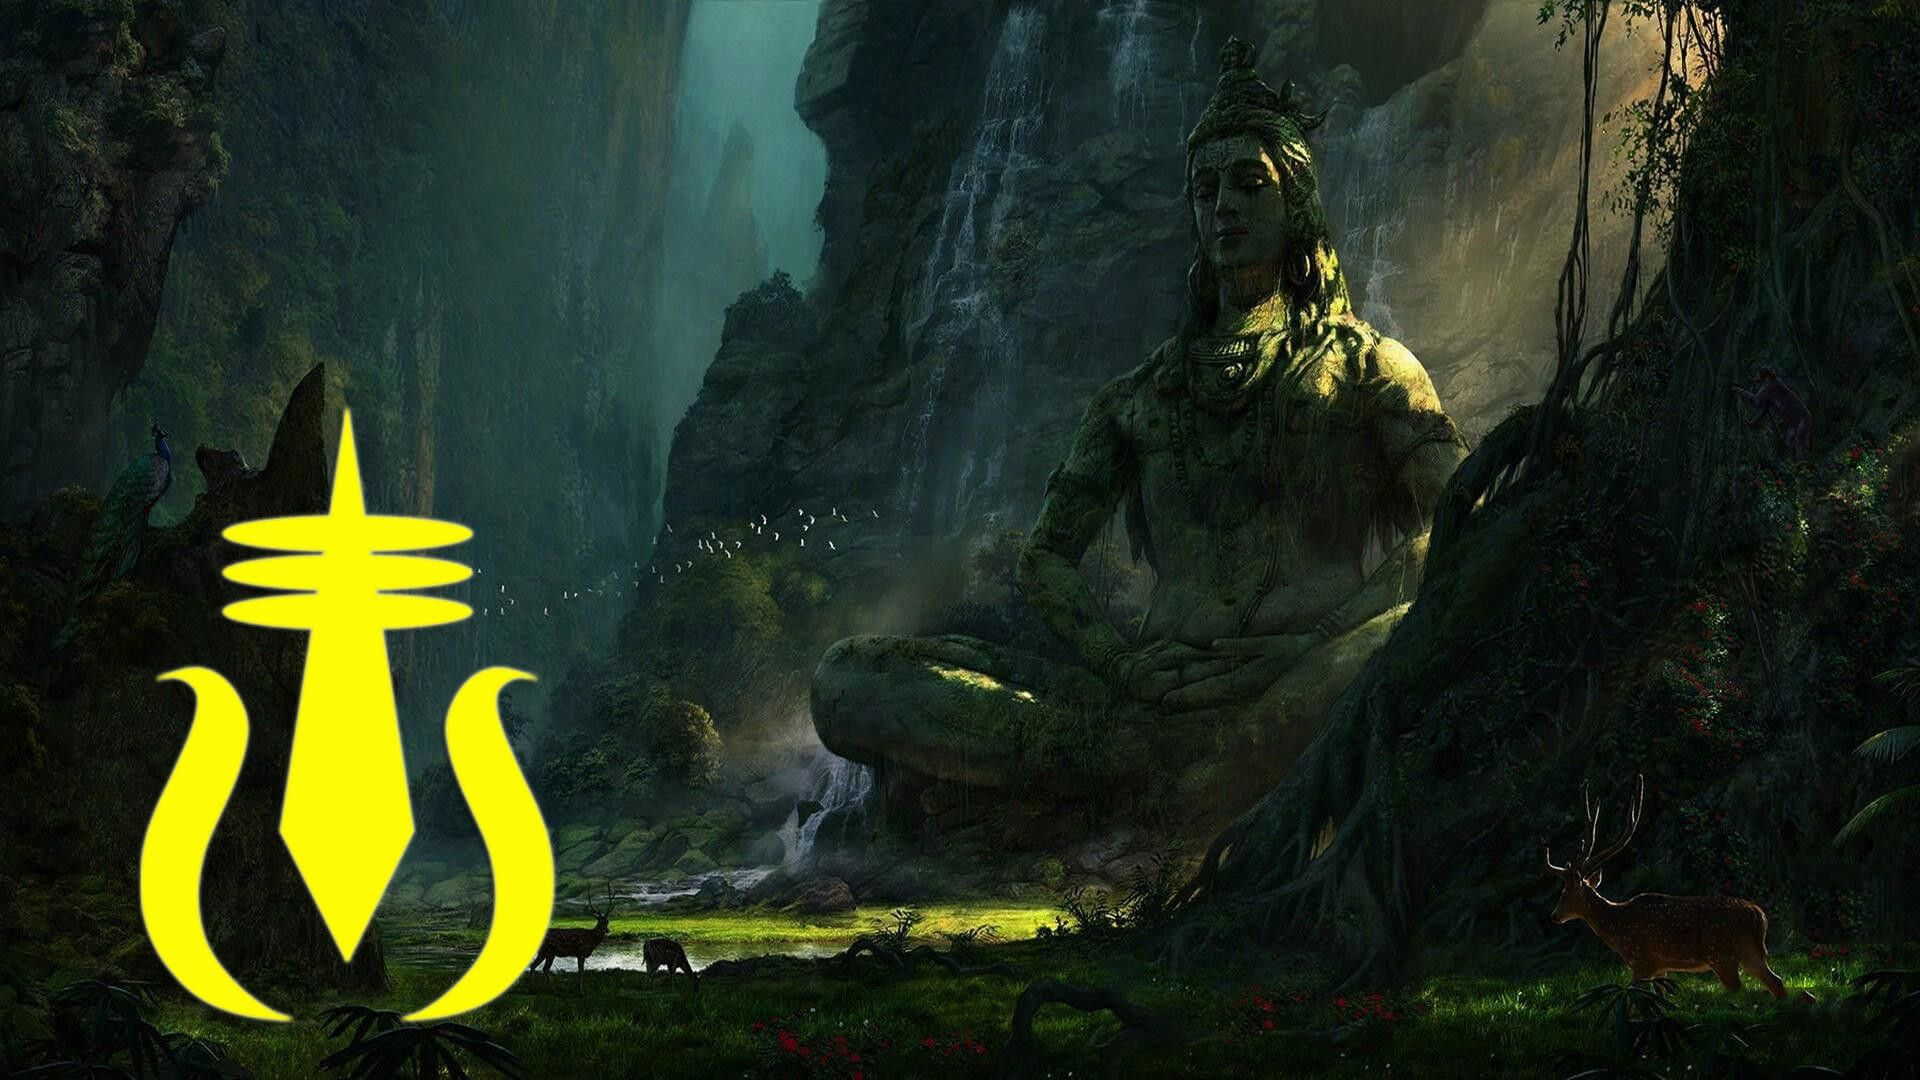 1920x1080 Chúa Shiva Hình nền HD